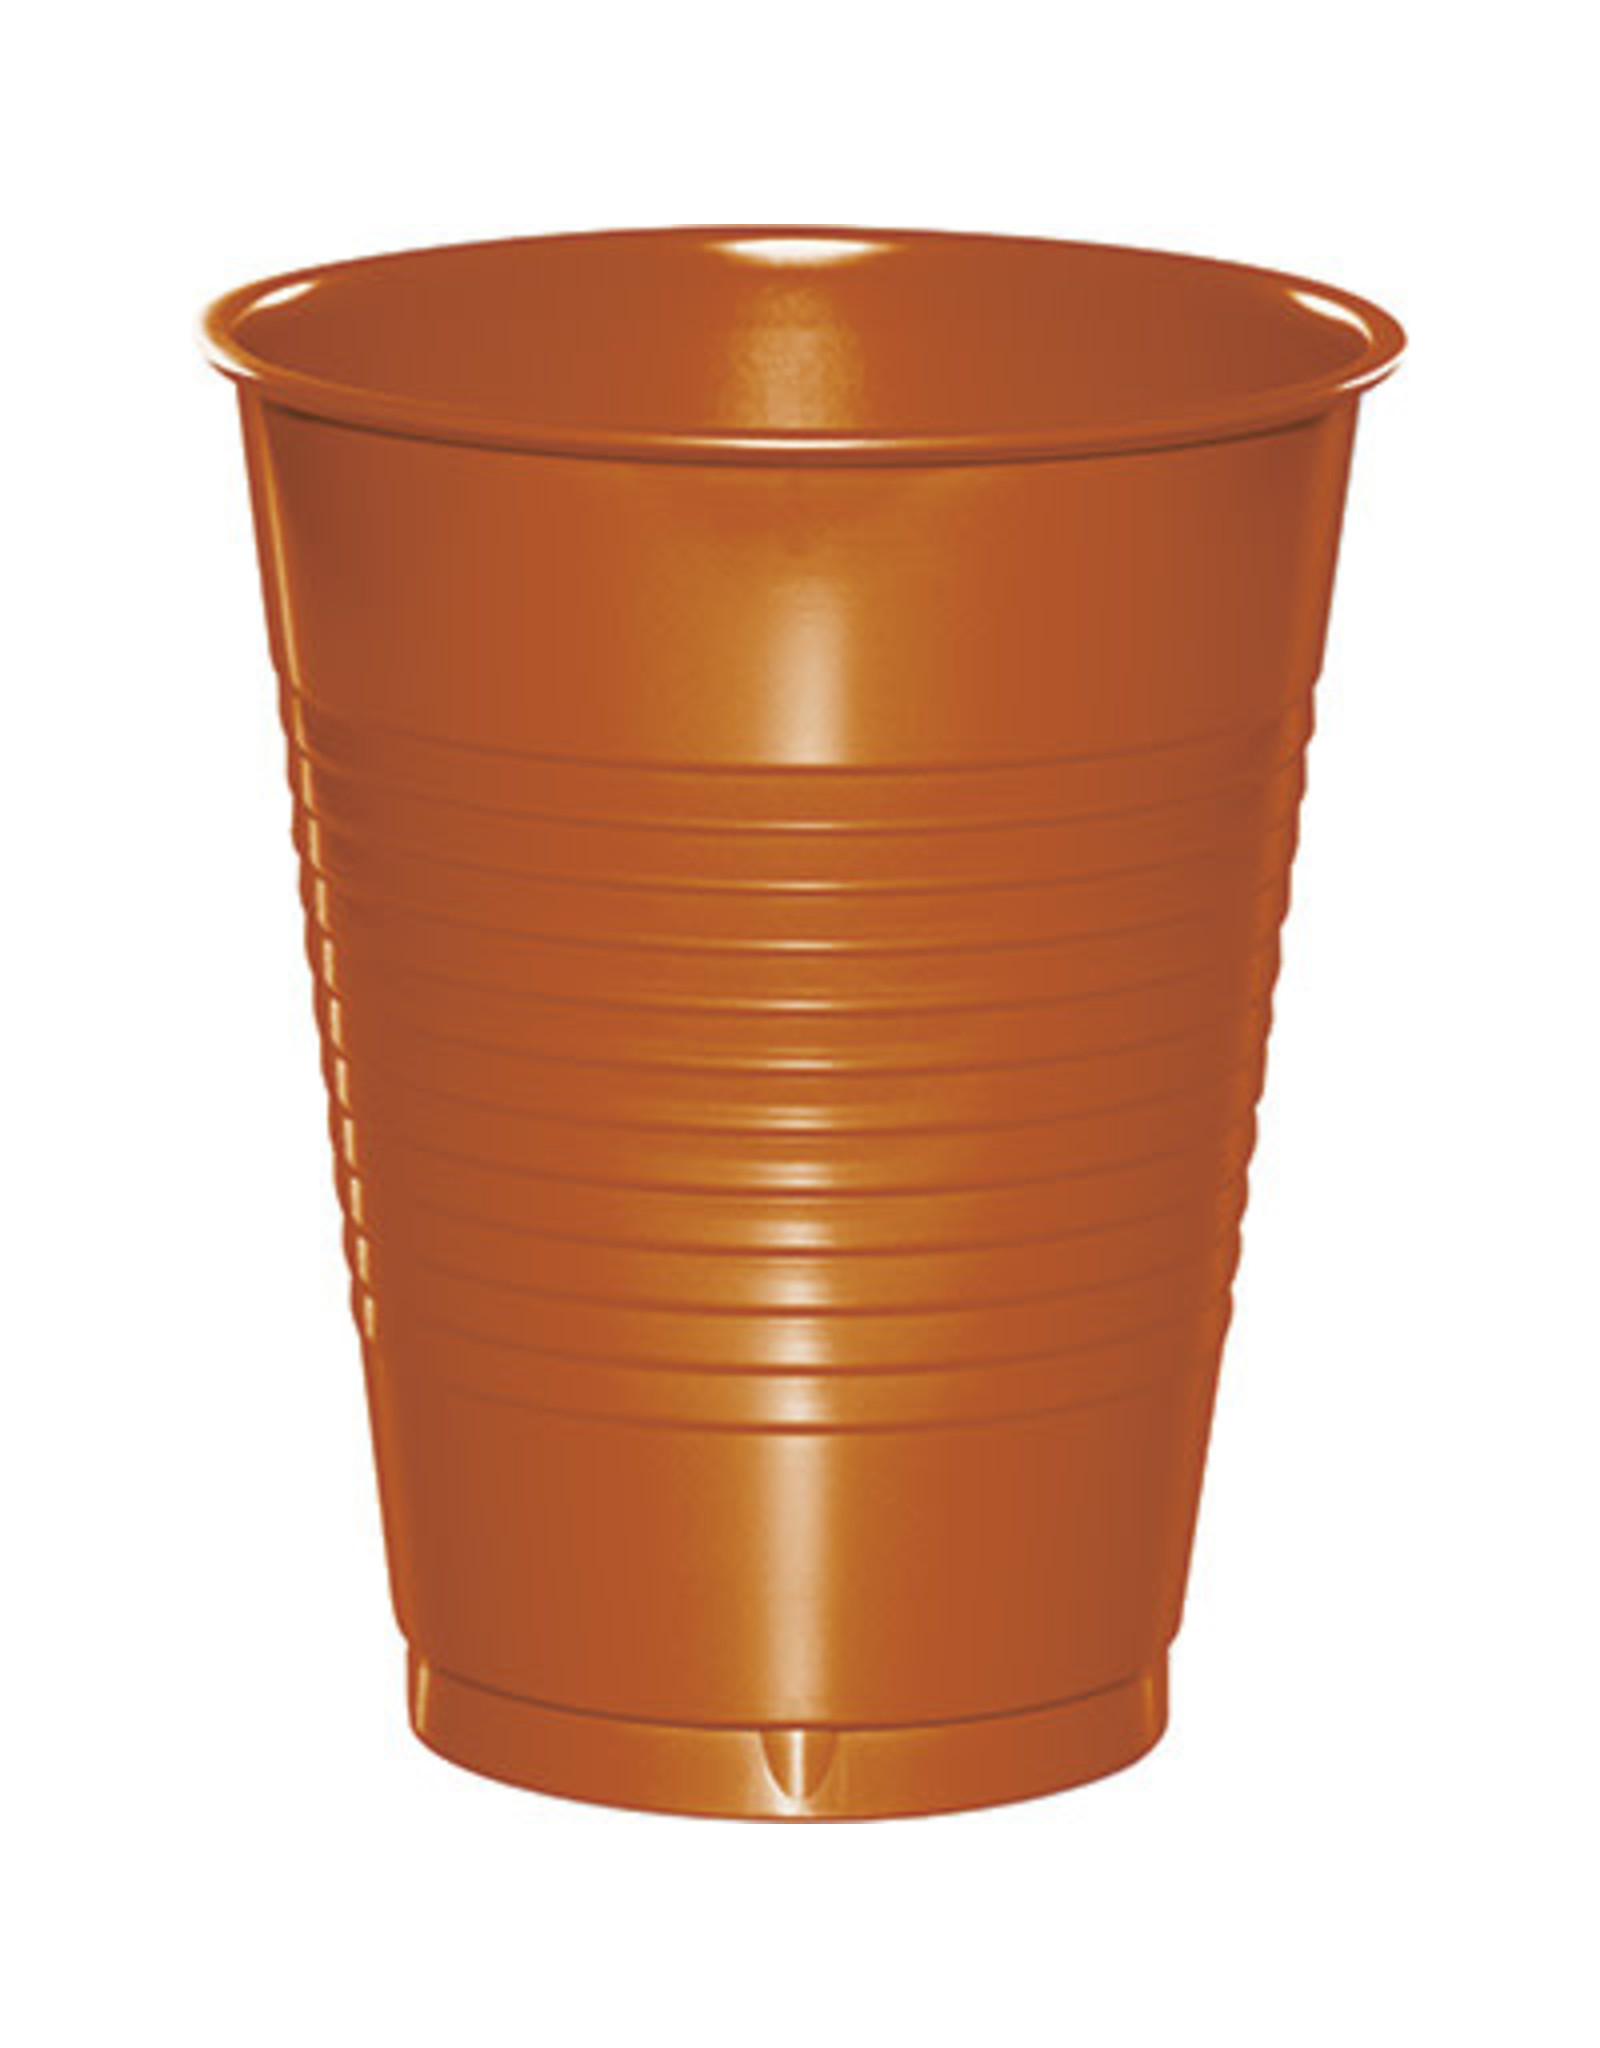 Touch of Color 16oz PUMPKIN SPICE ORANGE 16 OZ PLASTIC CUPS